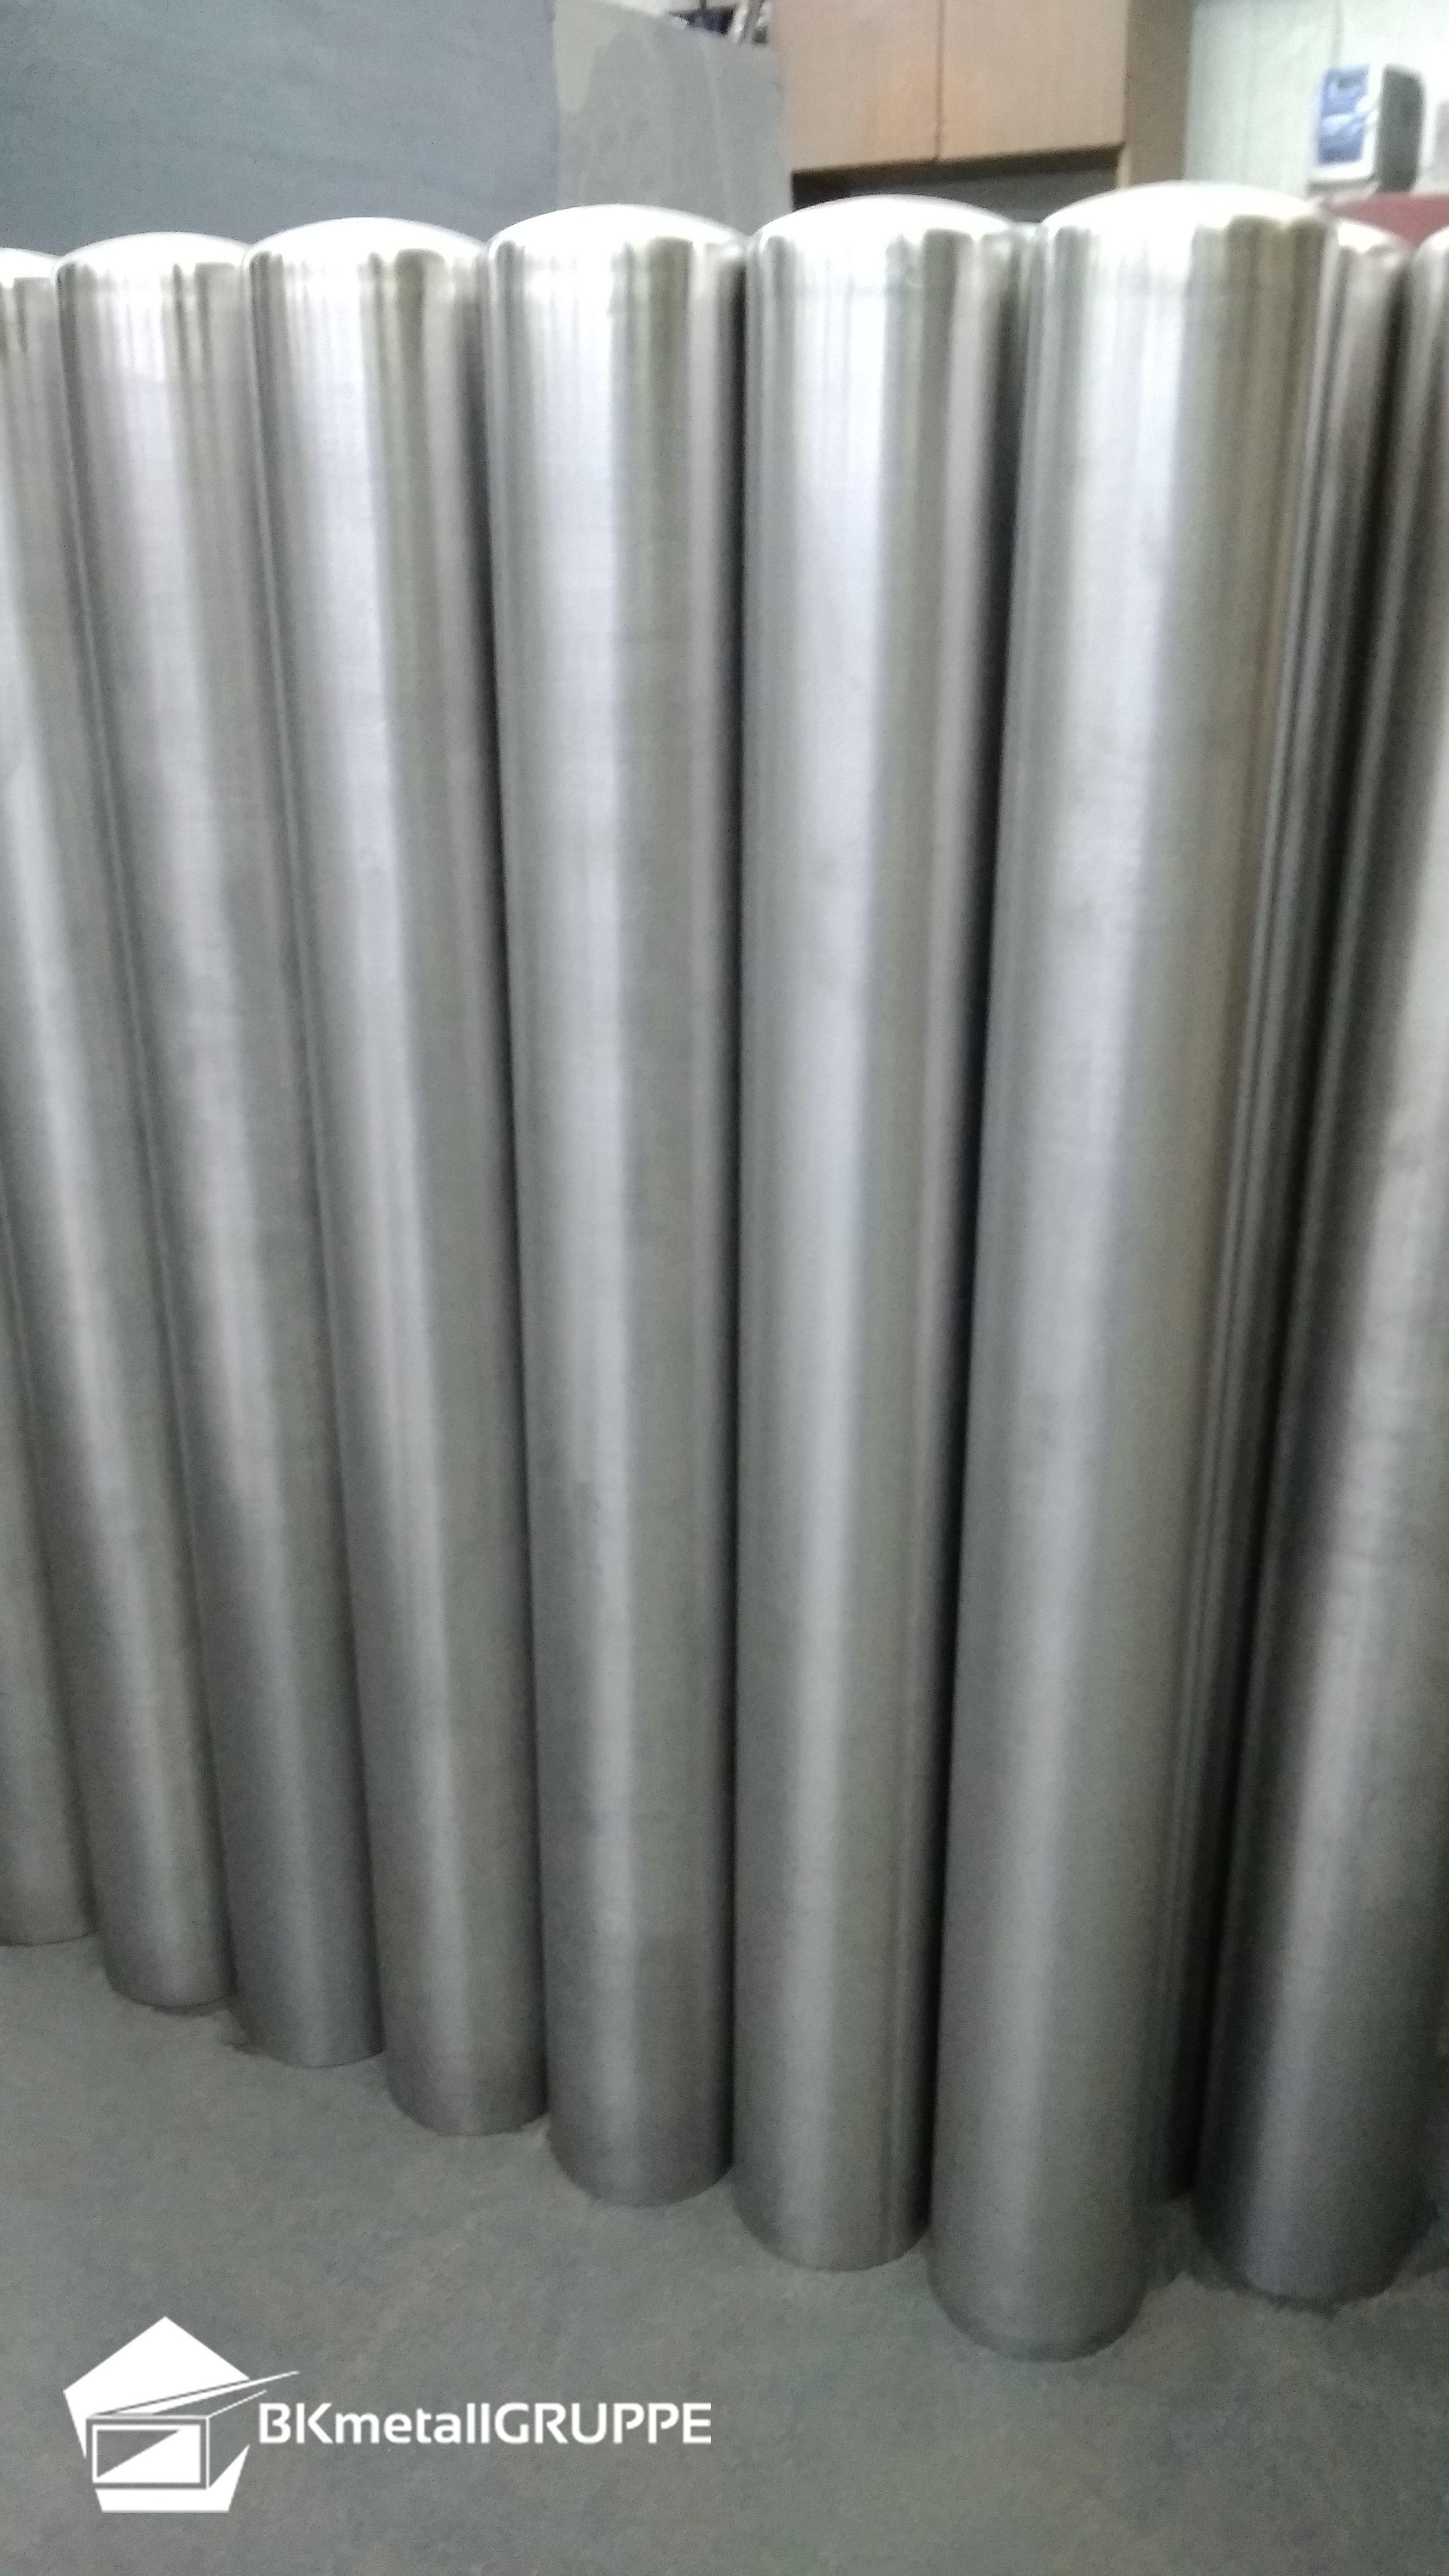 V2a Edelstahlpoller Stainless Steel Furniture Steel Furniture Furniture